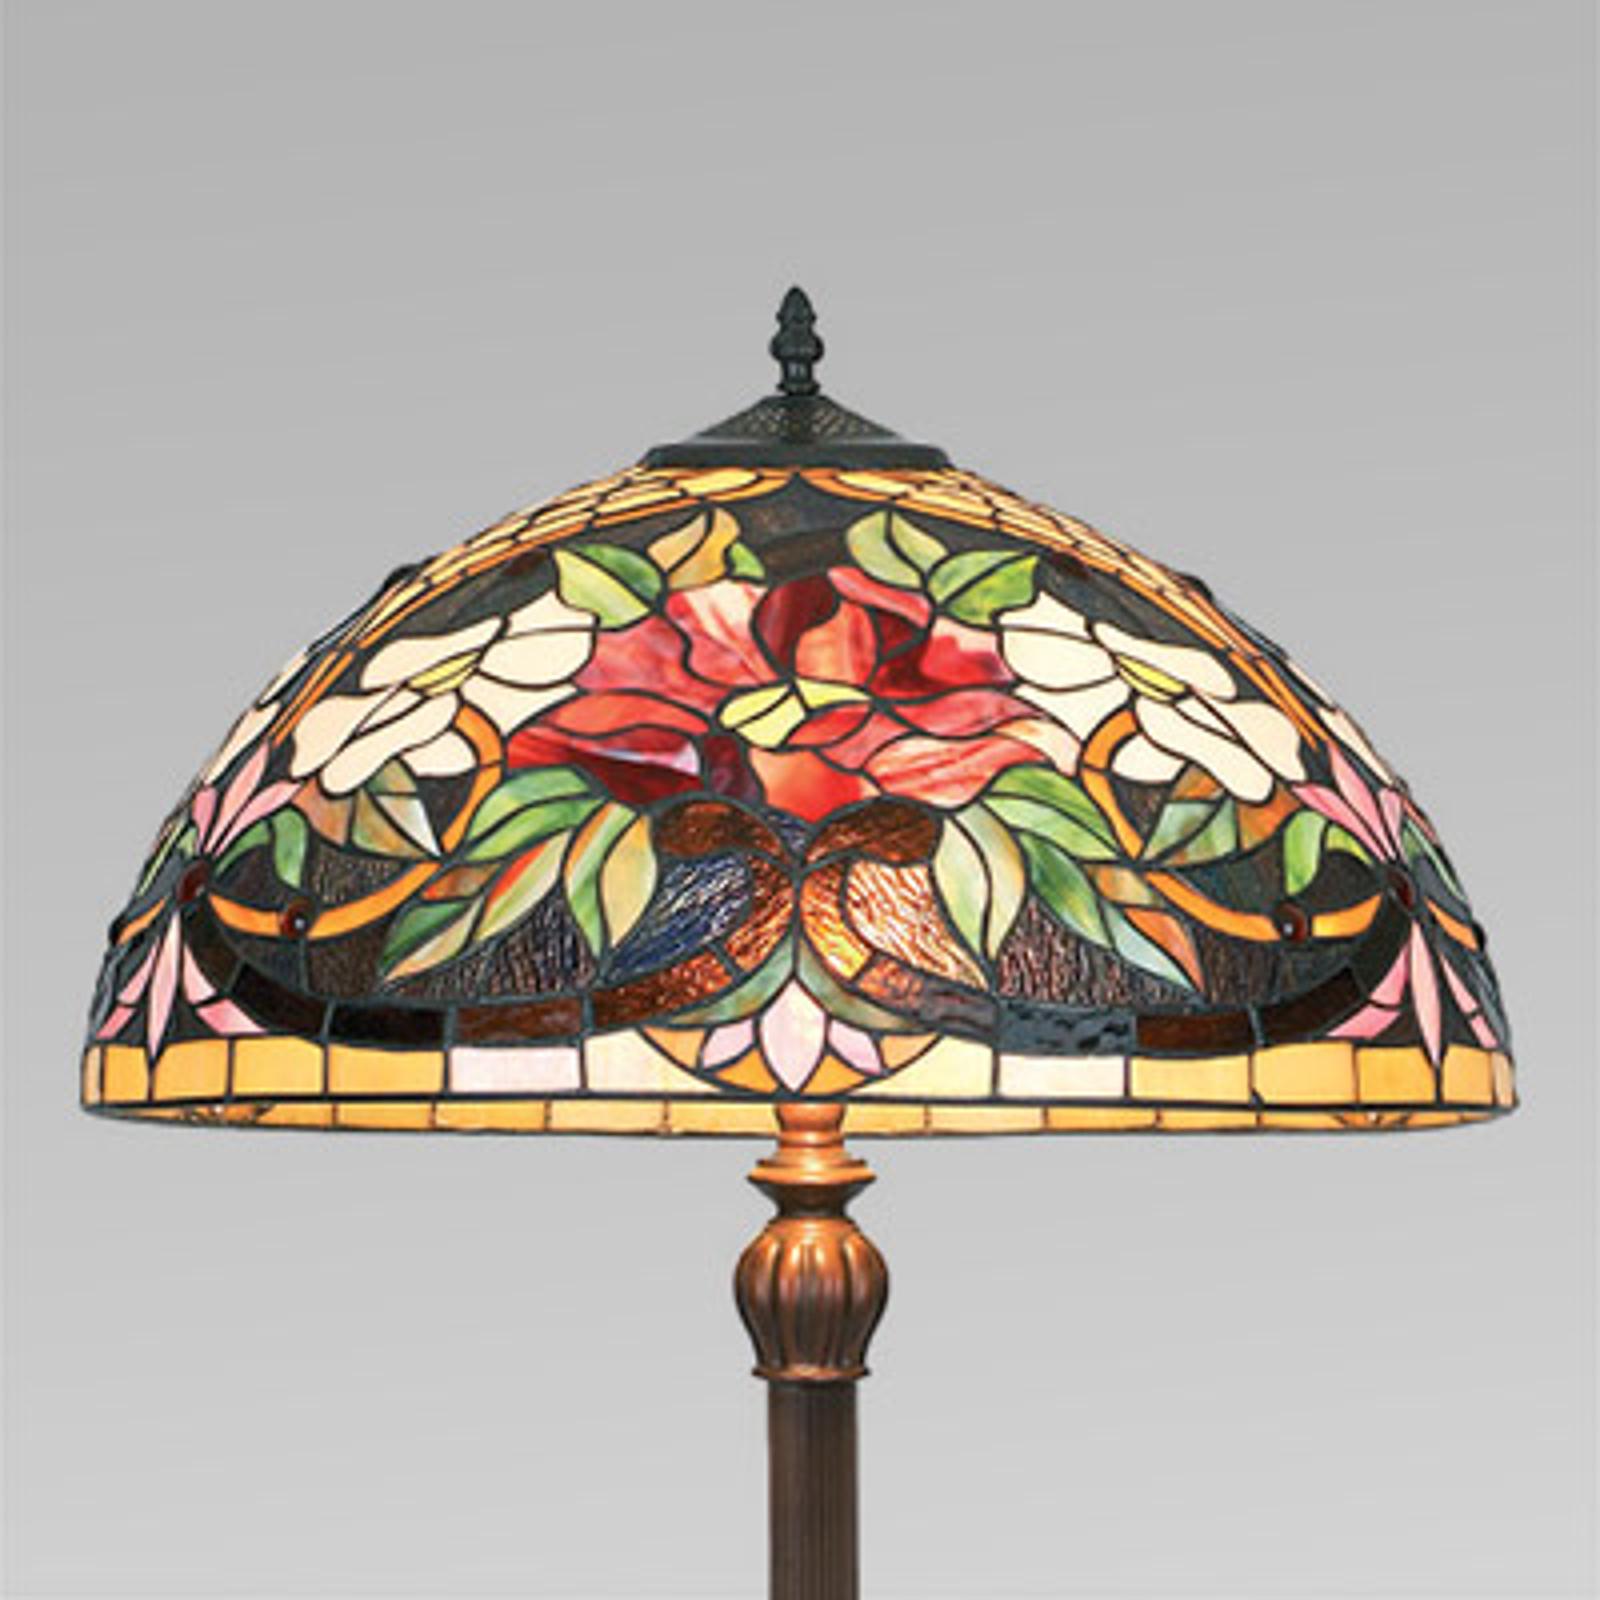 Farbenfrohe Stehleuchte ARIADNE im Tiffany-Stil